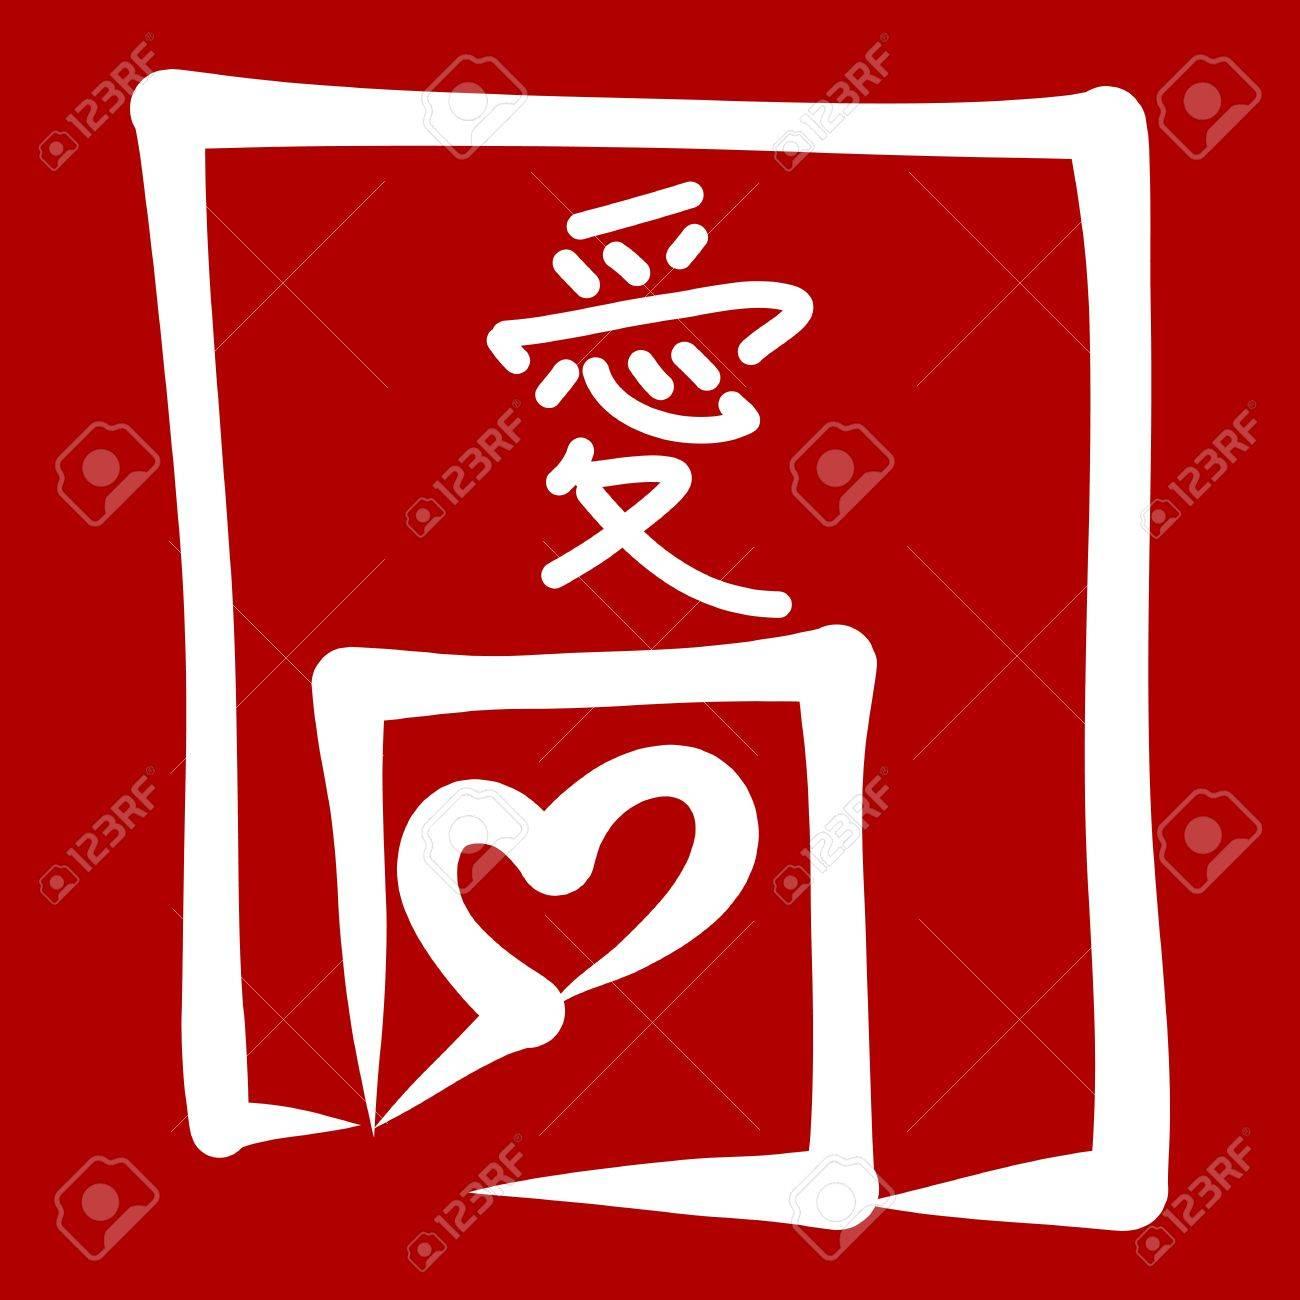 Love and heart symbol hand drawn sketch chinese character design love and heart symbol hand drawn sketch chinese character design freehand drawing on ipad buycottarizona